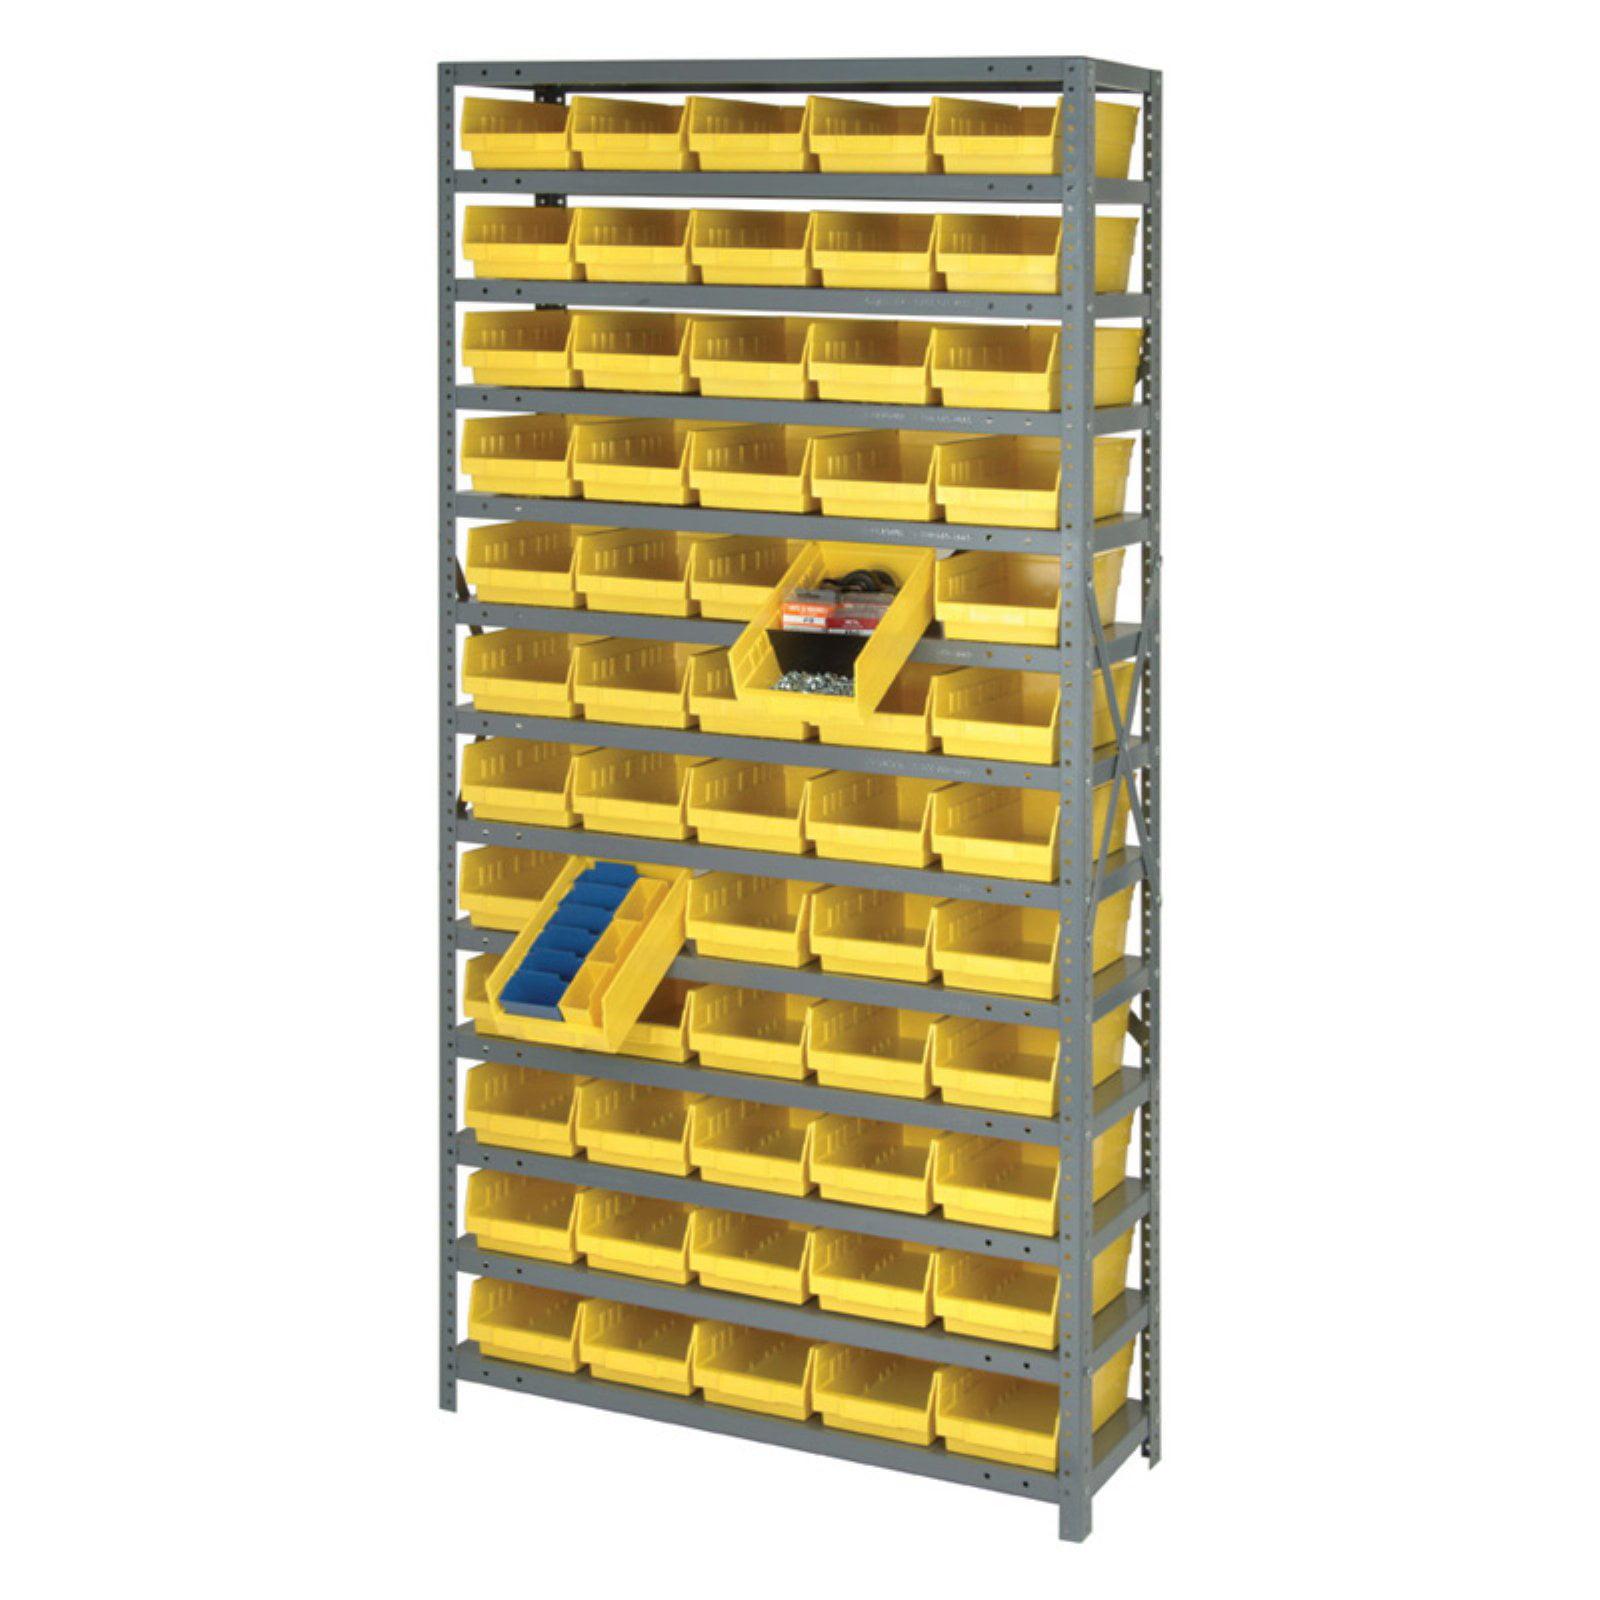 Quantum Complete Shelf Bin Storage System - 96 Bin